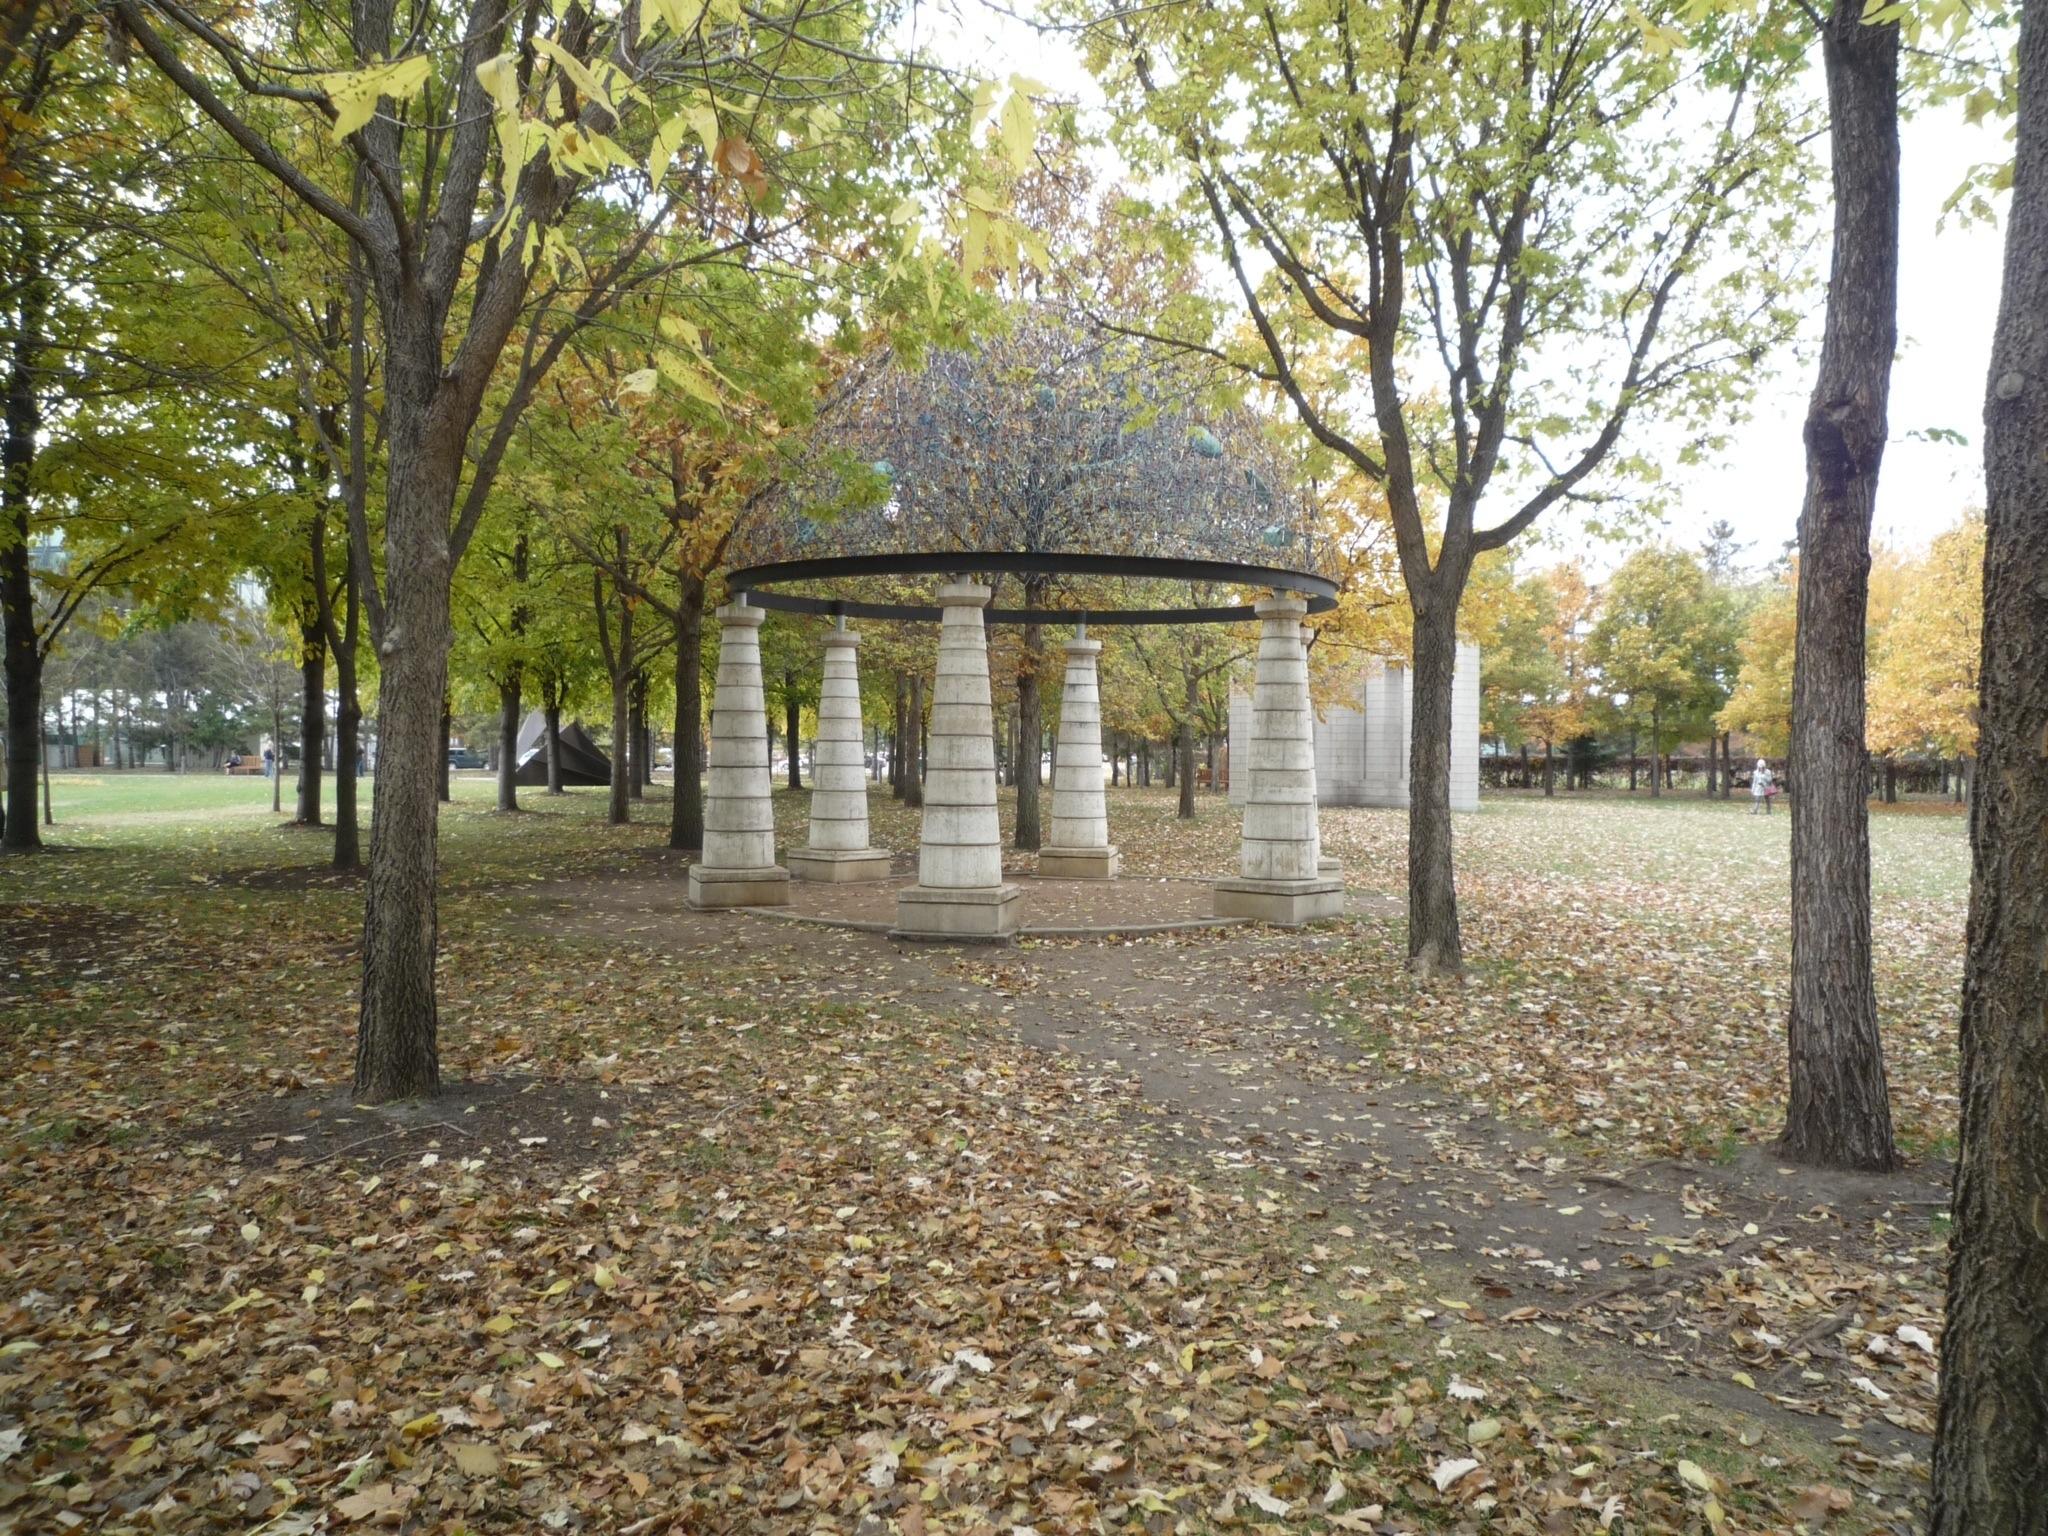 Walker art center sculpture garden bleu lens - Walker art center sculpture garden ...